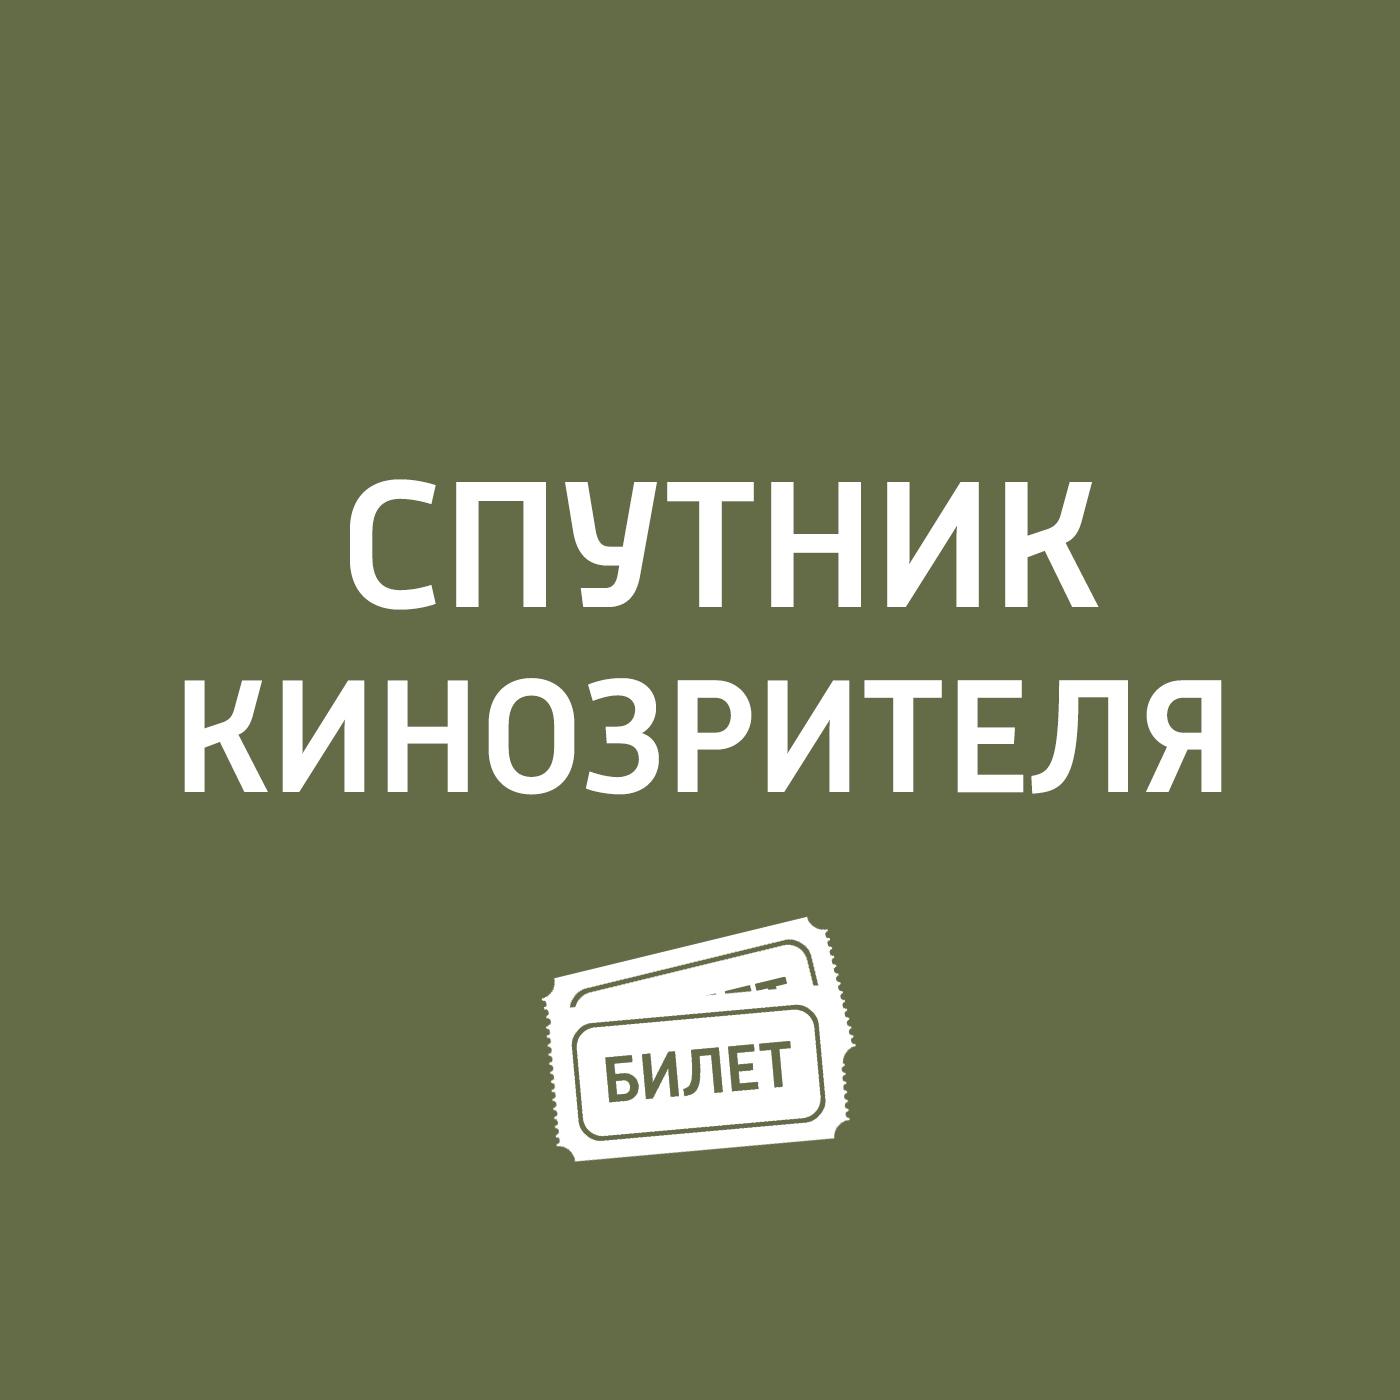 Антон Долин Вспомнить всё википедия объяснит всё youtube покажет всё